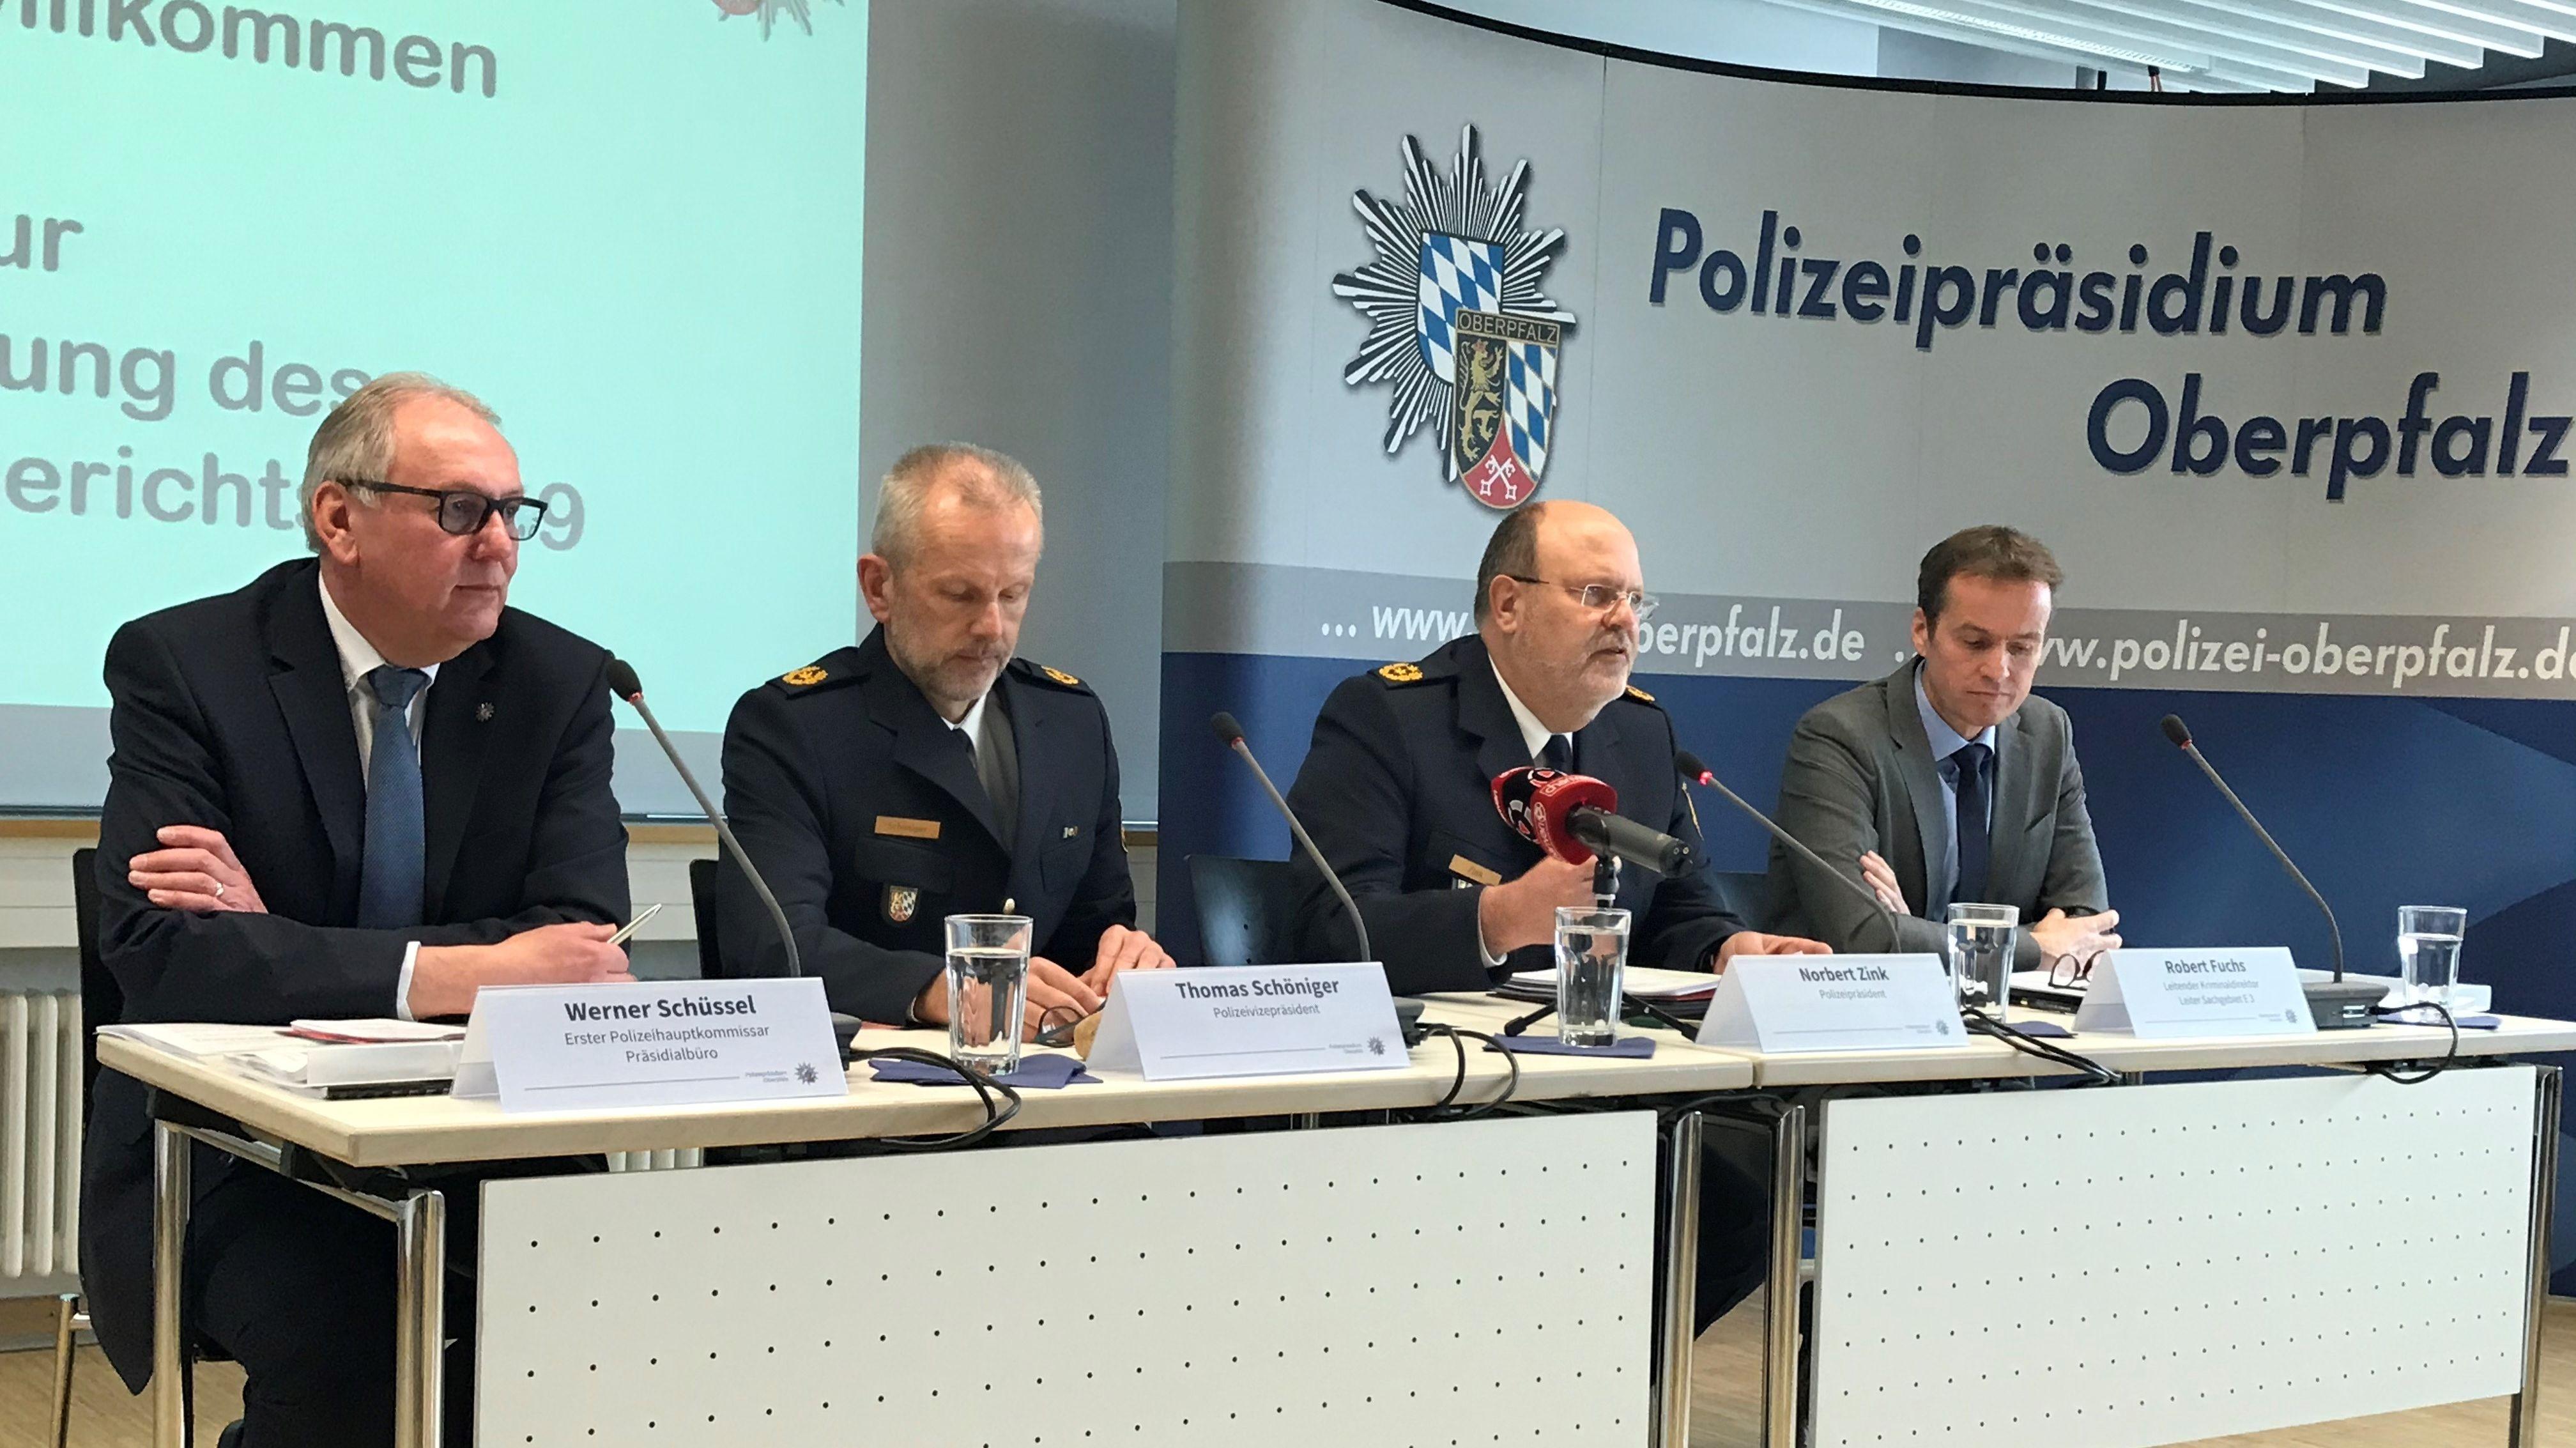 Vier Männer sitzen an einem Tisch vor Mikrofonen